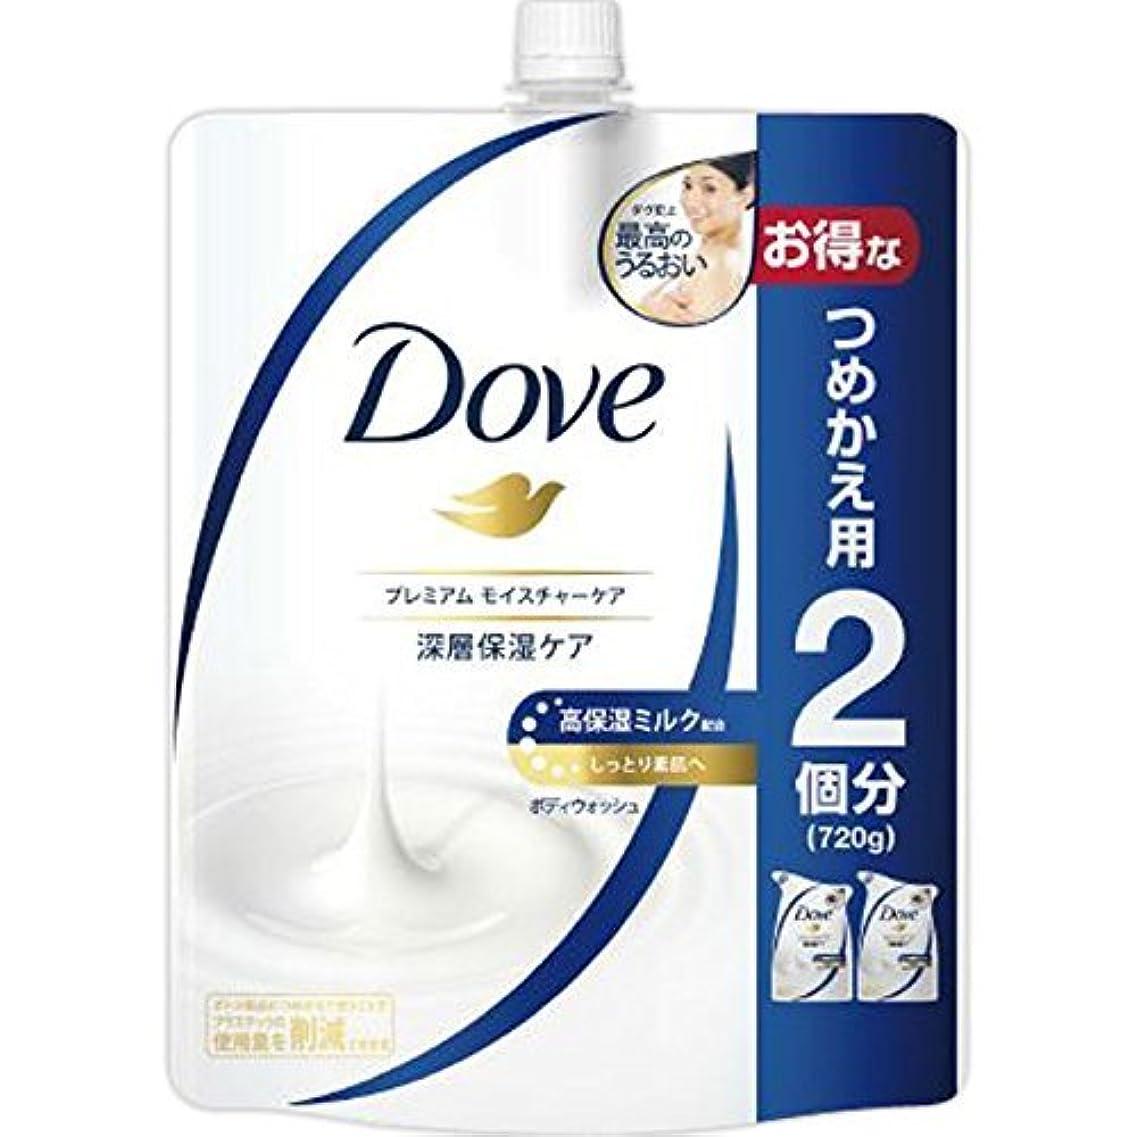 厚いストラップ中性Dove ダヴ ボディウォッシュ プレミアム モイスチャーケア つめかえ用 720g